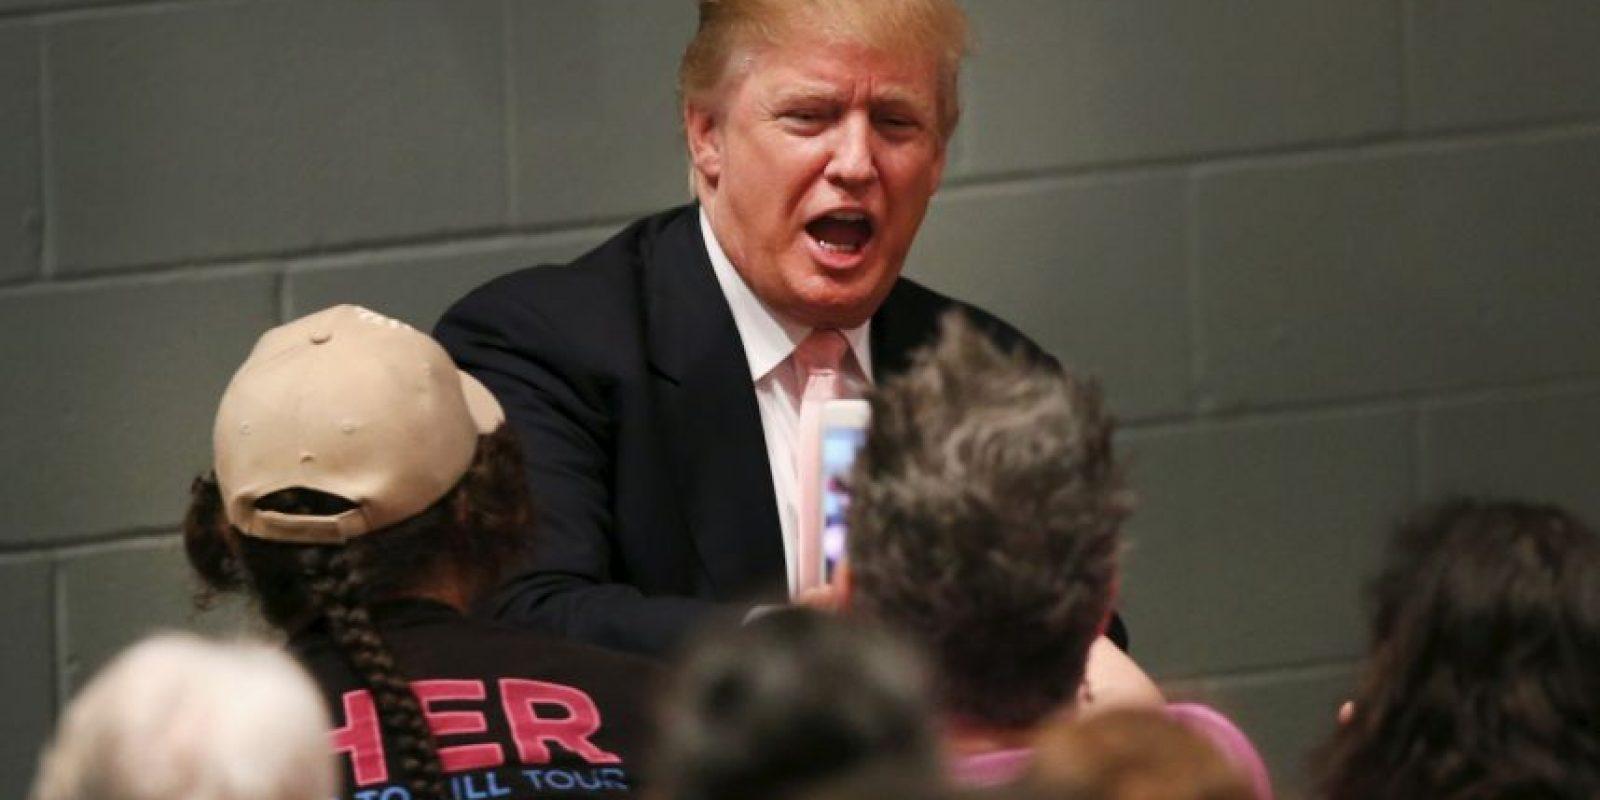 Durante el primer debate de precandidatos del Partido Republicano aseguró que la discusión sobre inmigración se da gracias a él. Foto:Getty Images